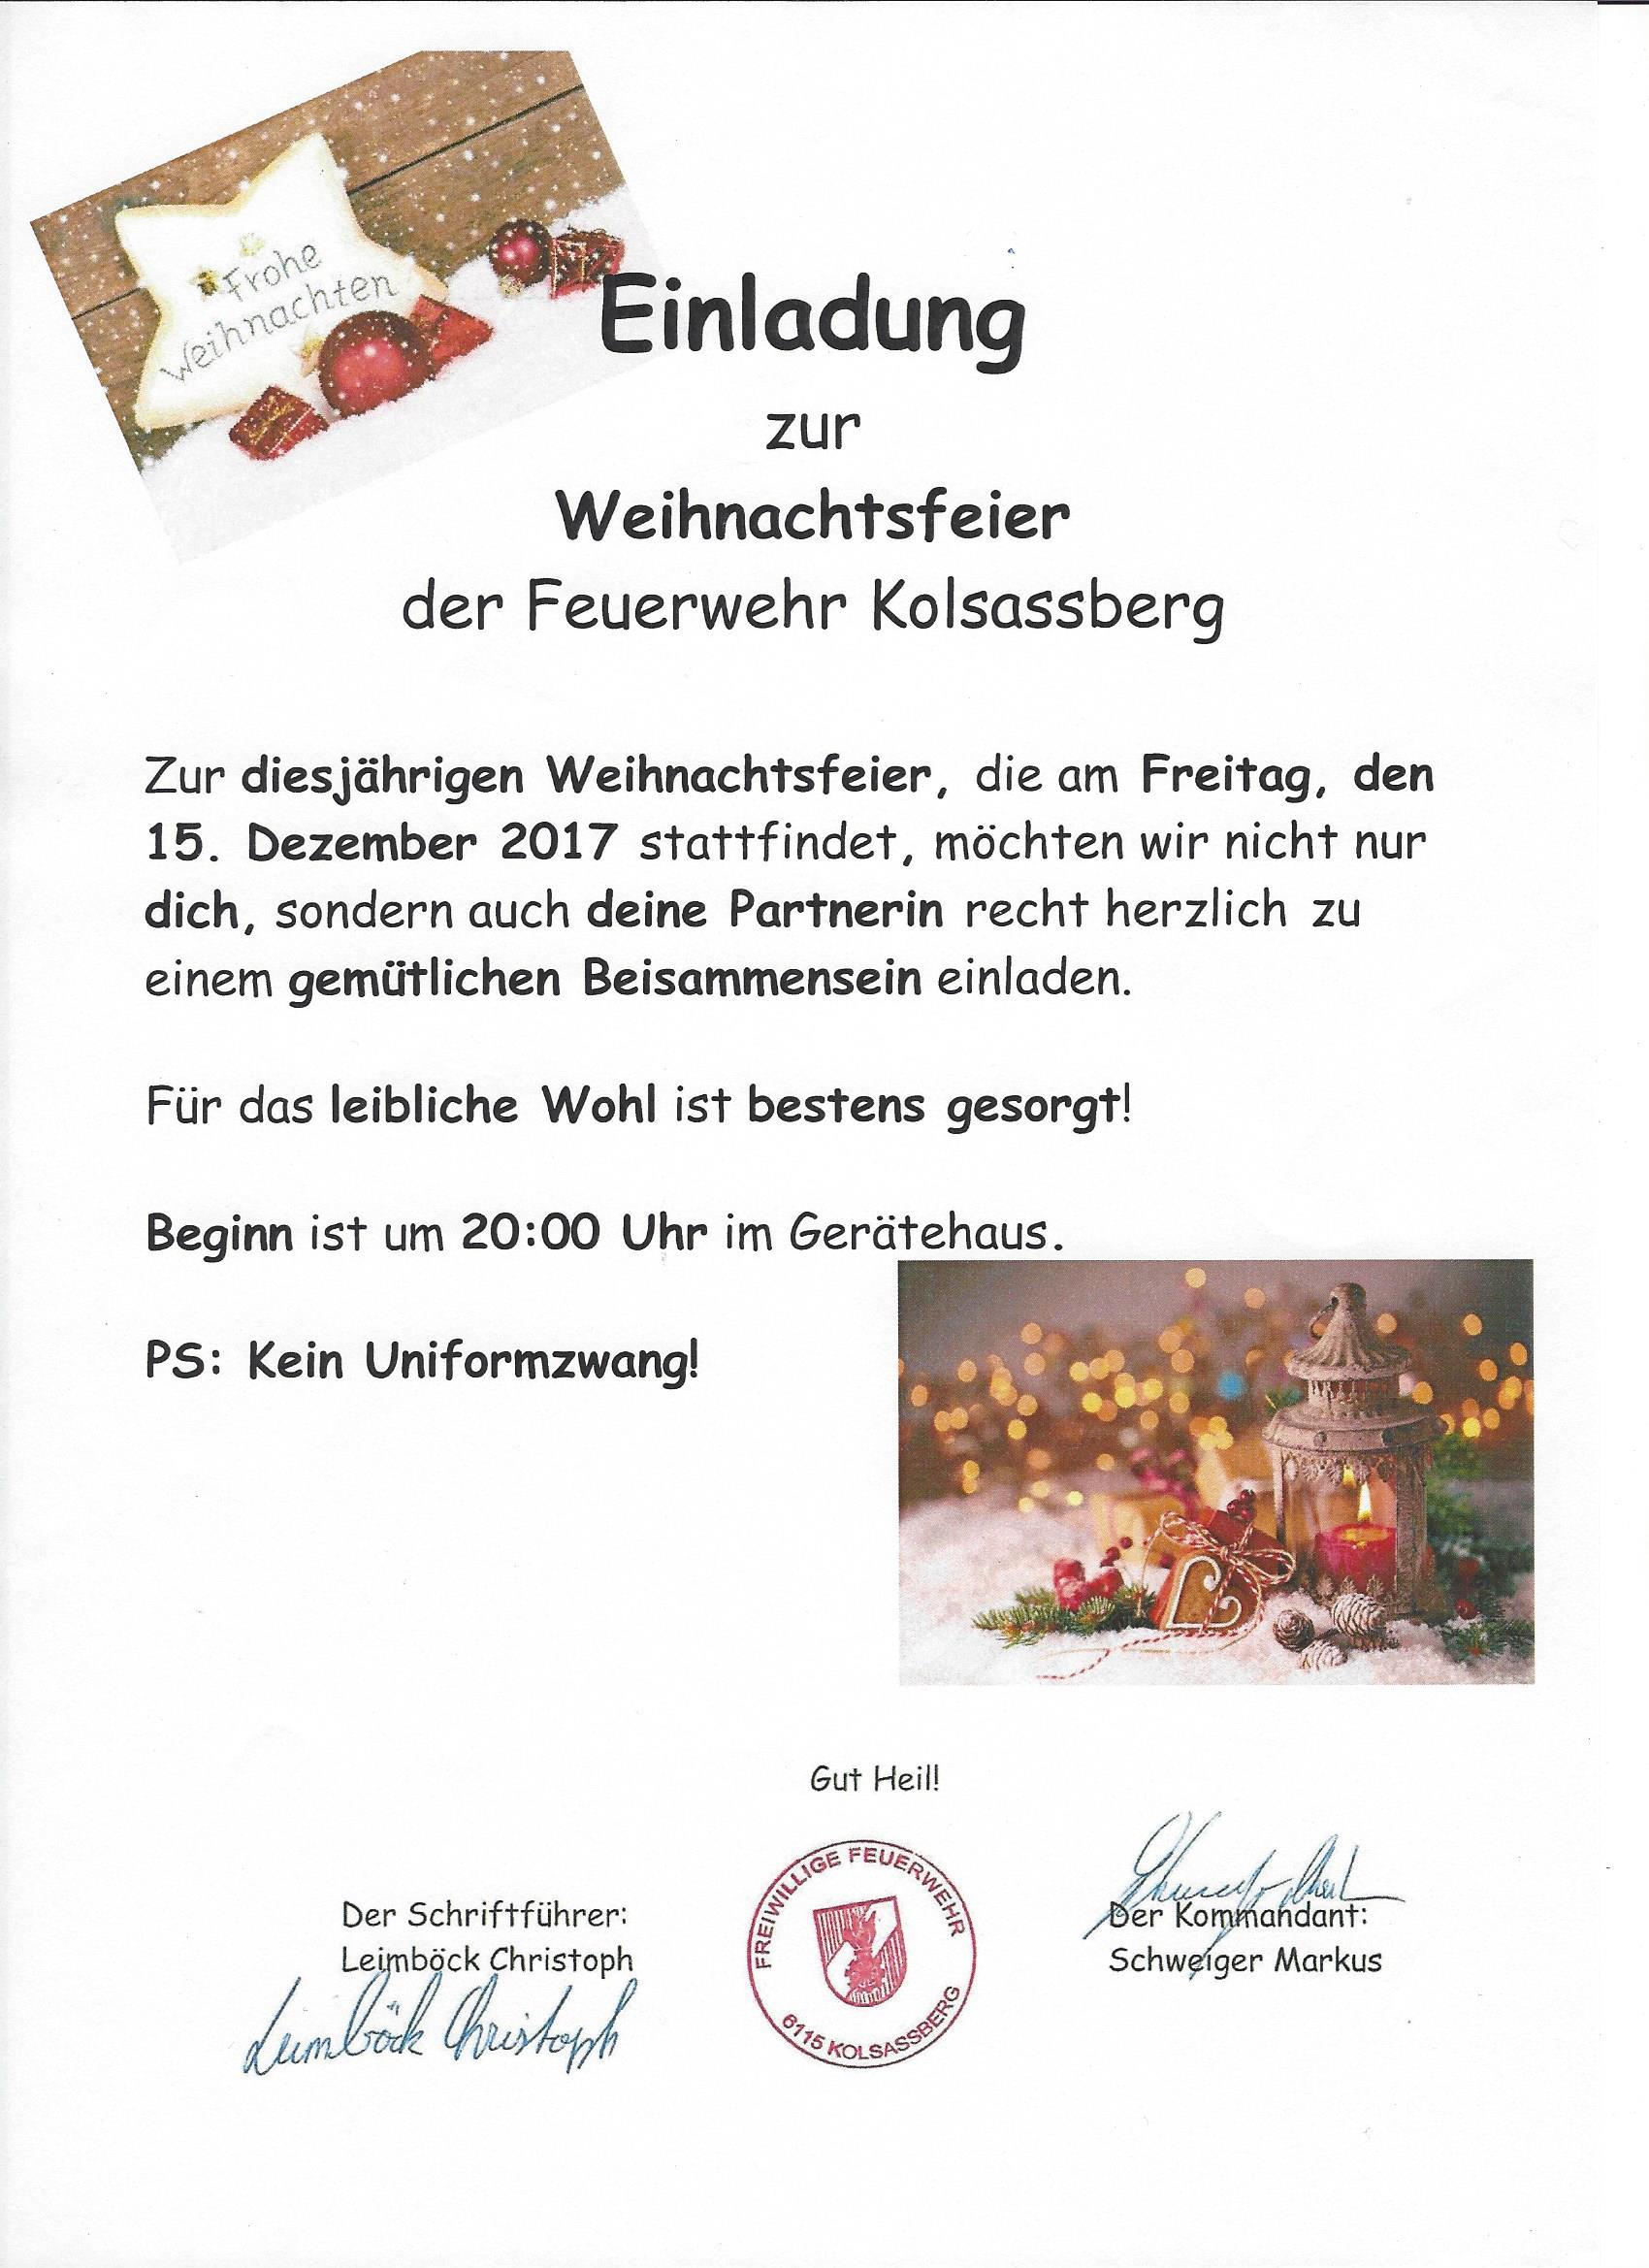 Einladung Zur Weihnachtsfeier.Einladung Zur Weihnachtsfeier Freiwillige Feuerwehr